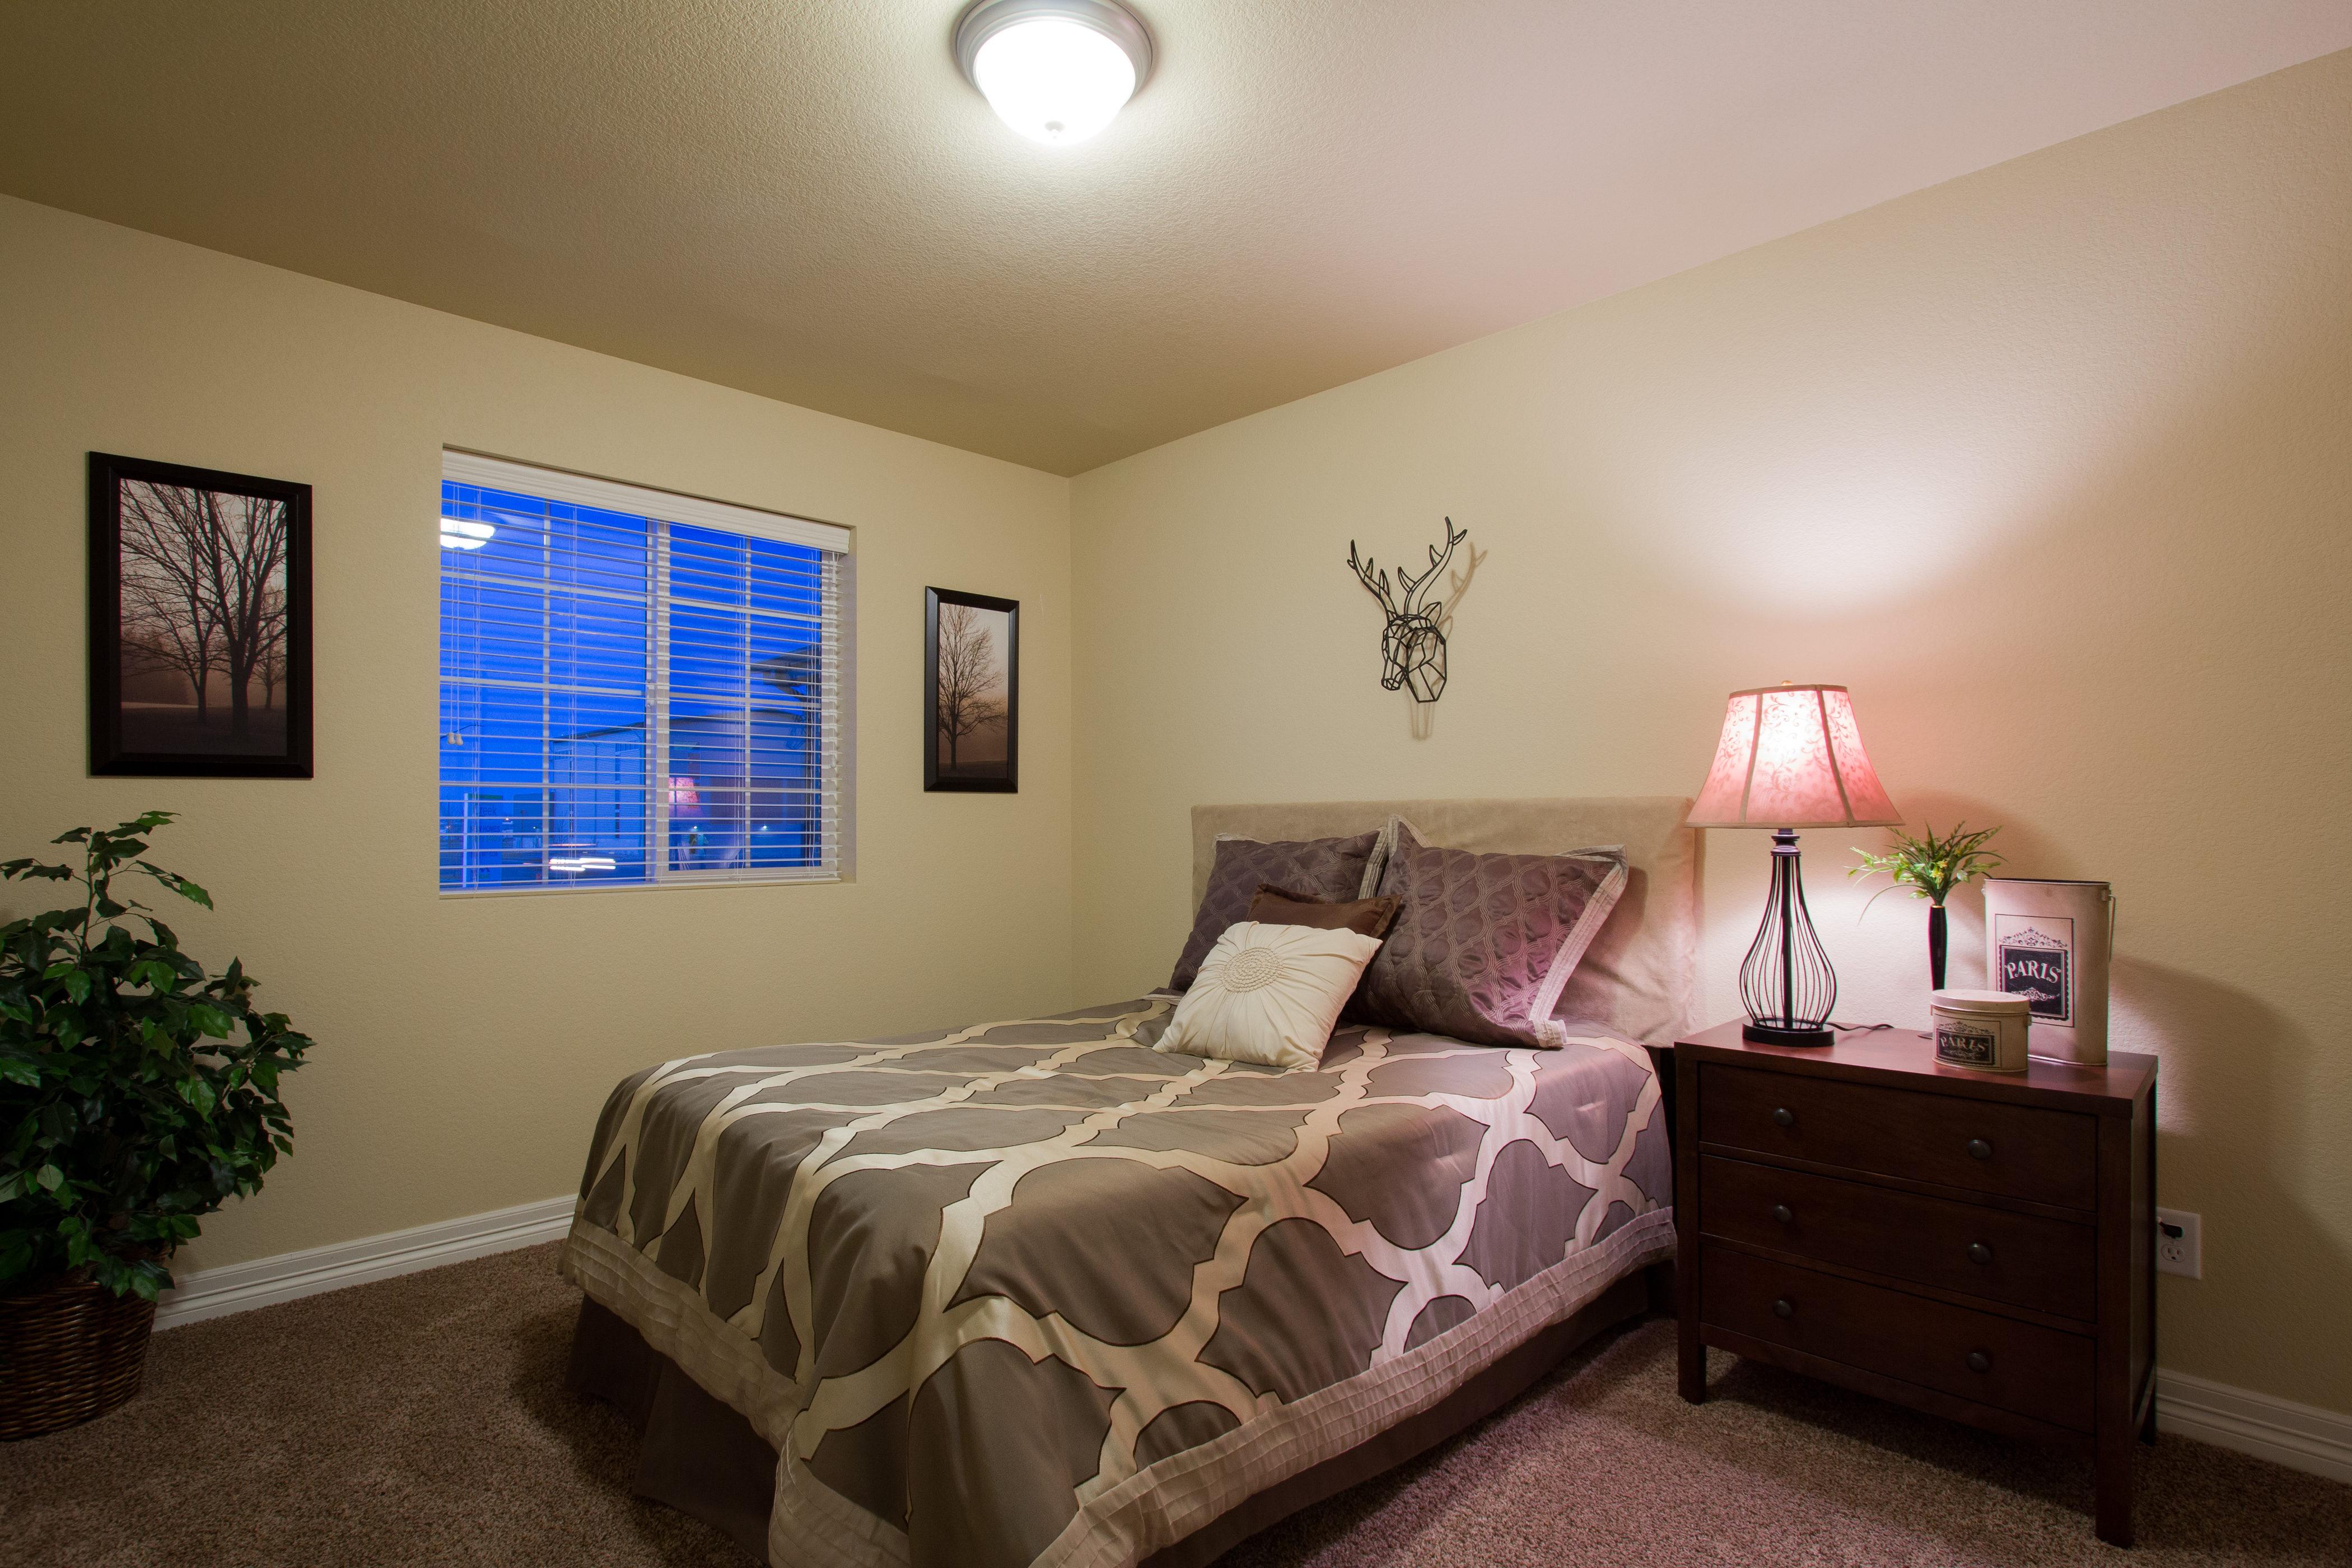 19-silverthorne-milliken-bedroom_2-new_home